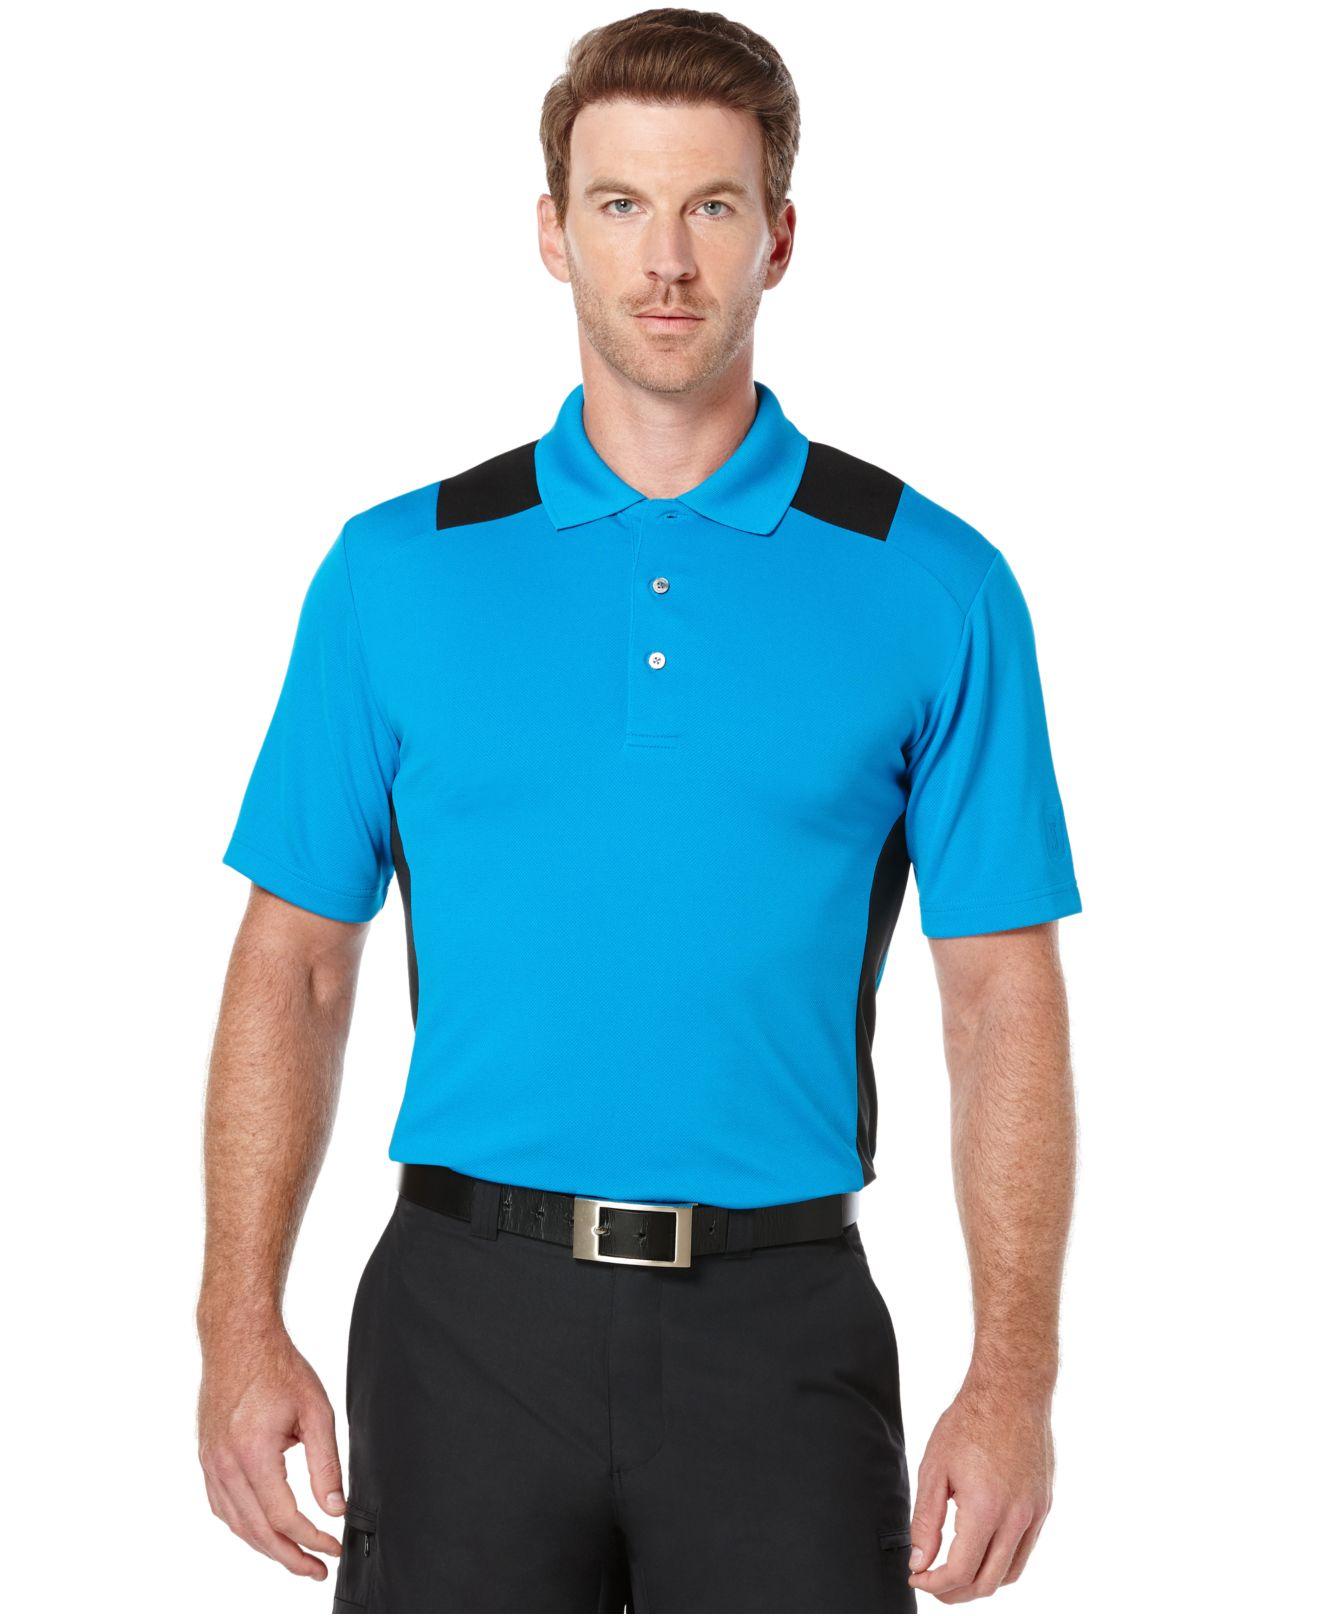 Pga Tour Logo Golf Shirts